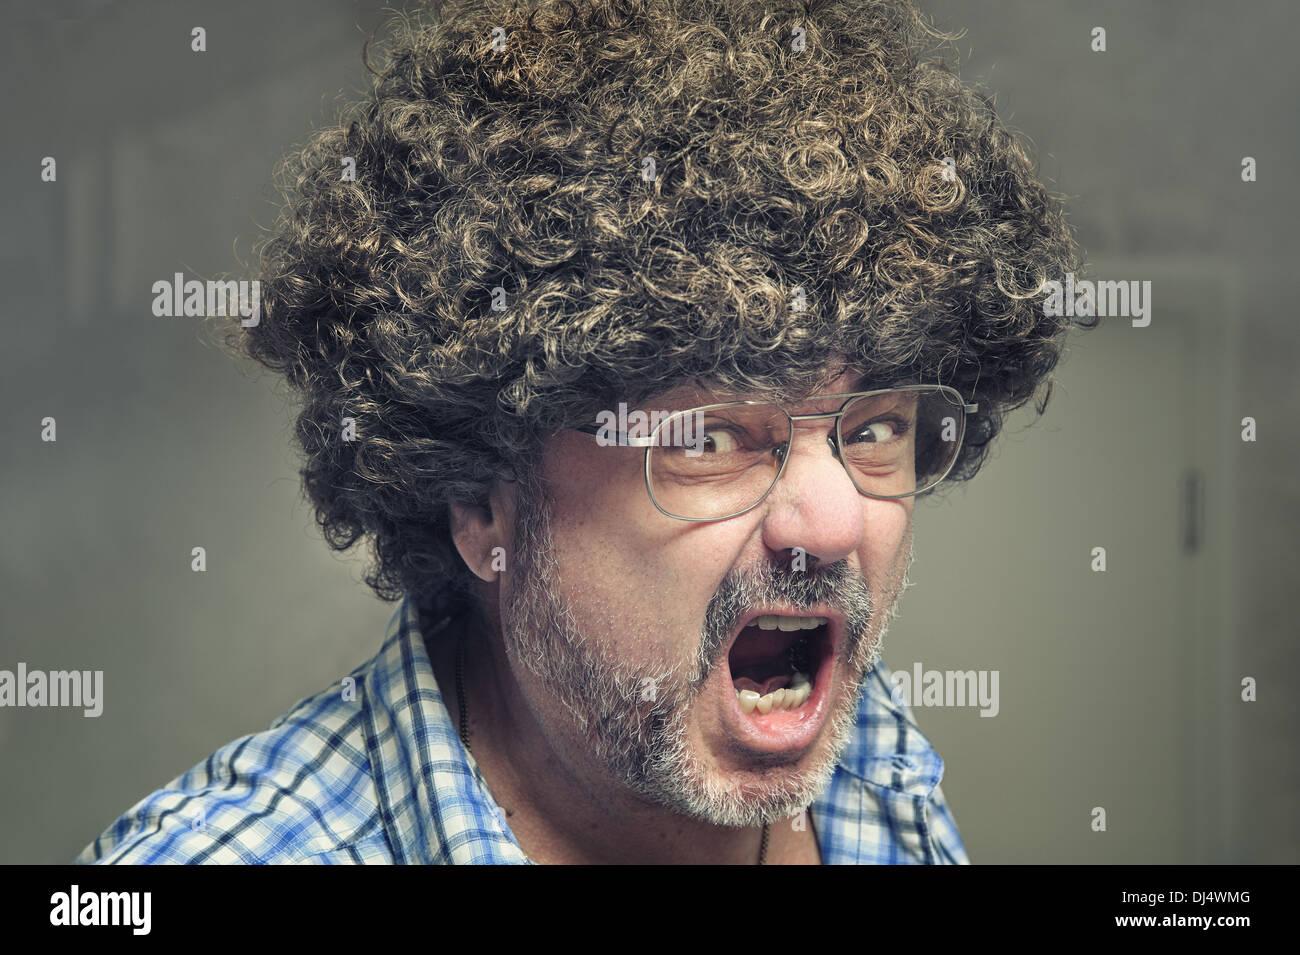 Afro Frisur Mann Stock Photos Afro Frisur Mann Stock Images Alamy